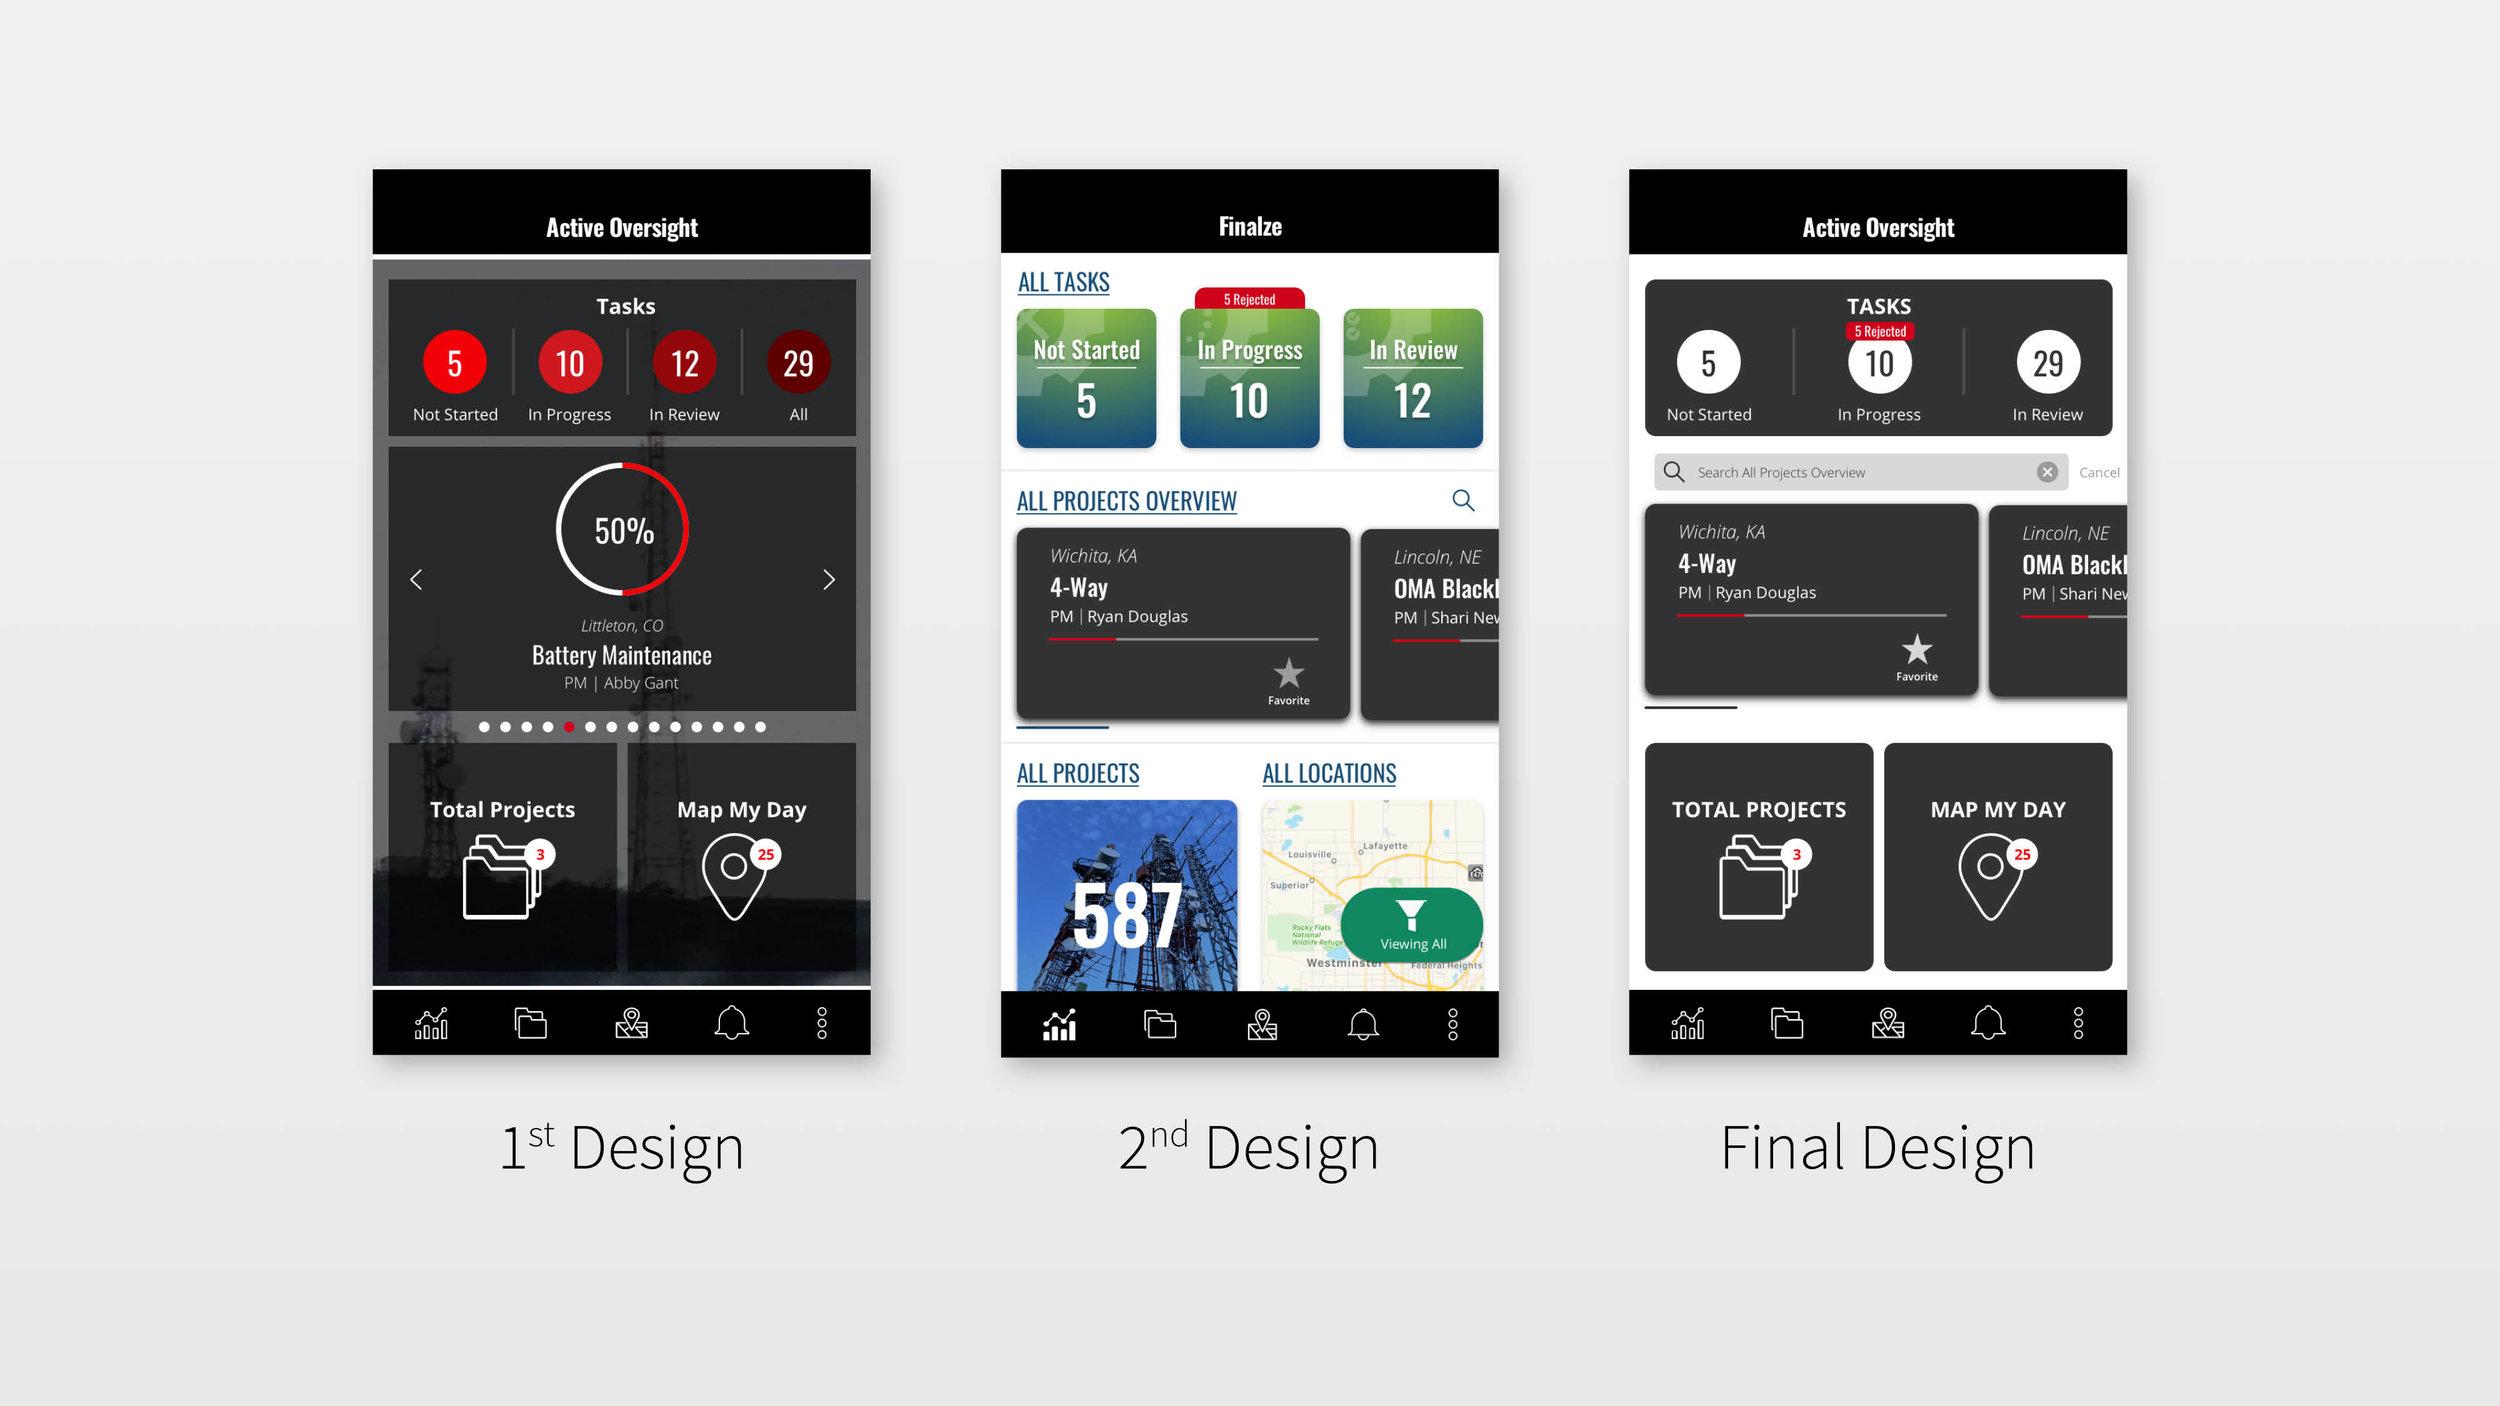 Dashboard design changes